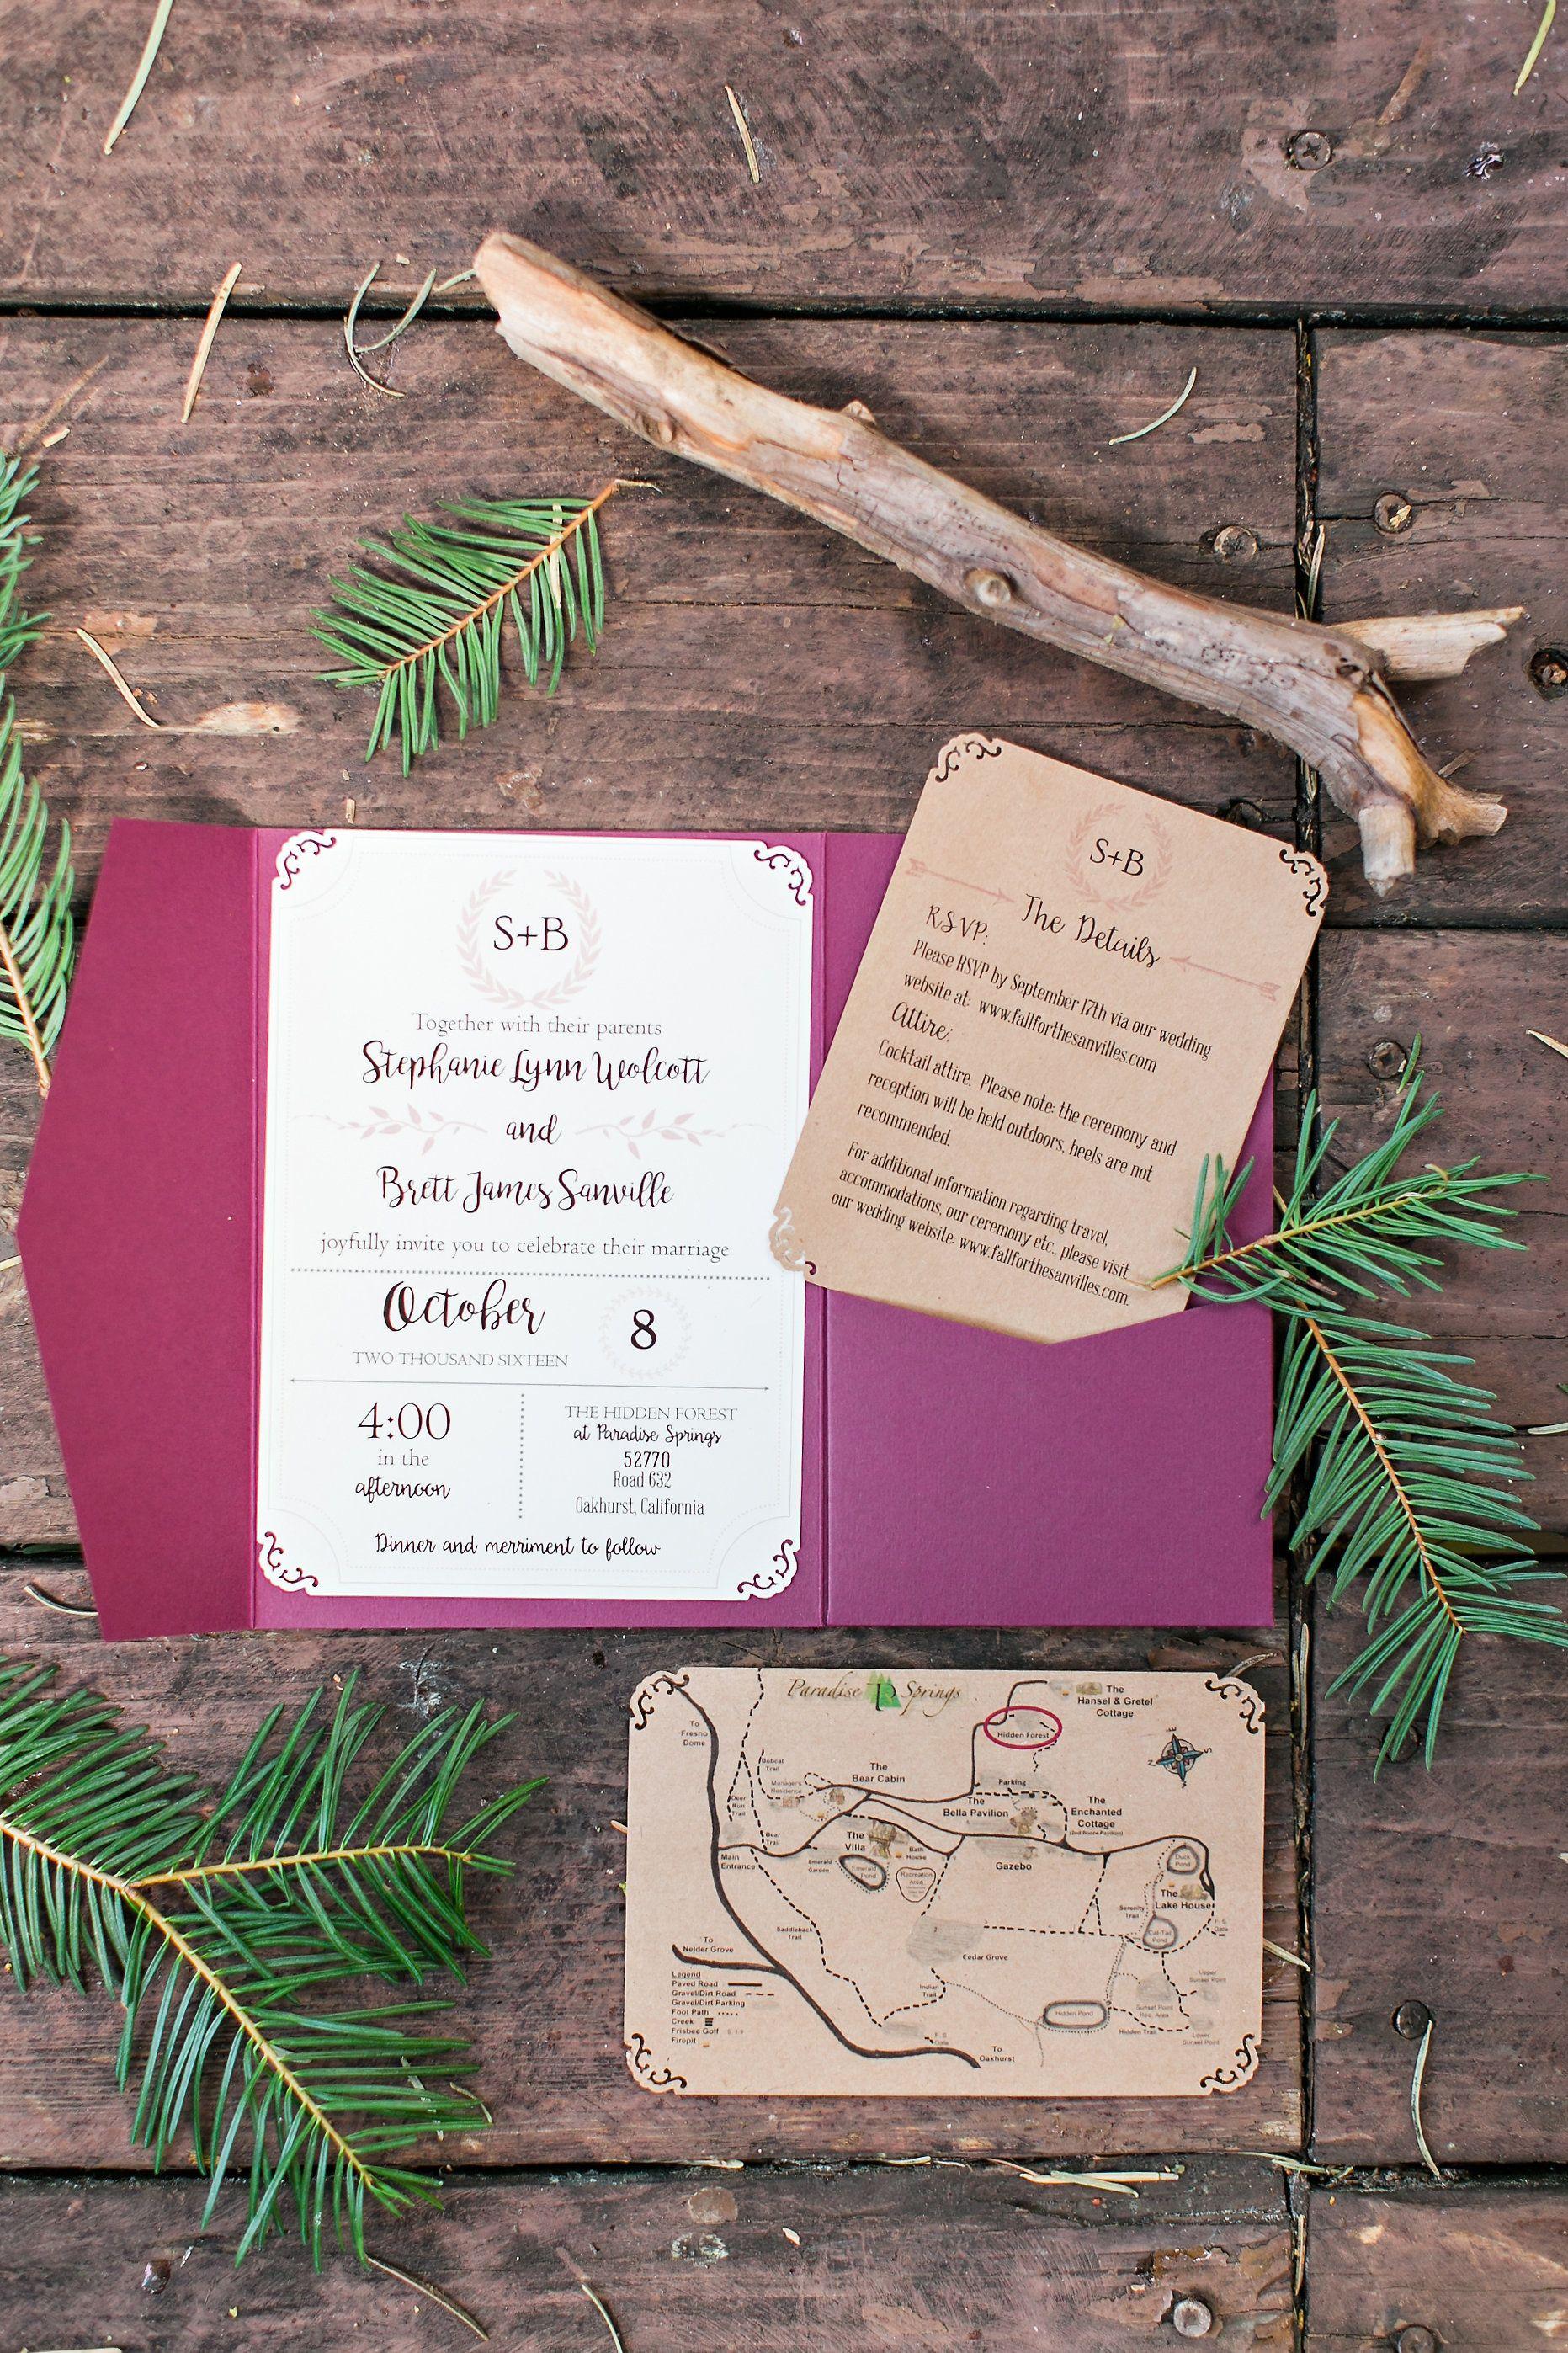 Paradise Springs Wedding | Oakhurst, CA | Yosemite Wedding | Invitation